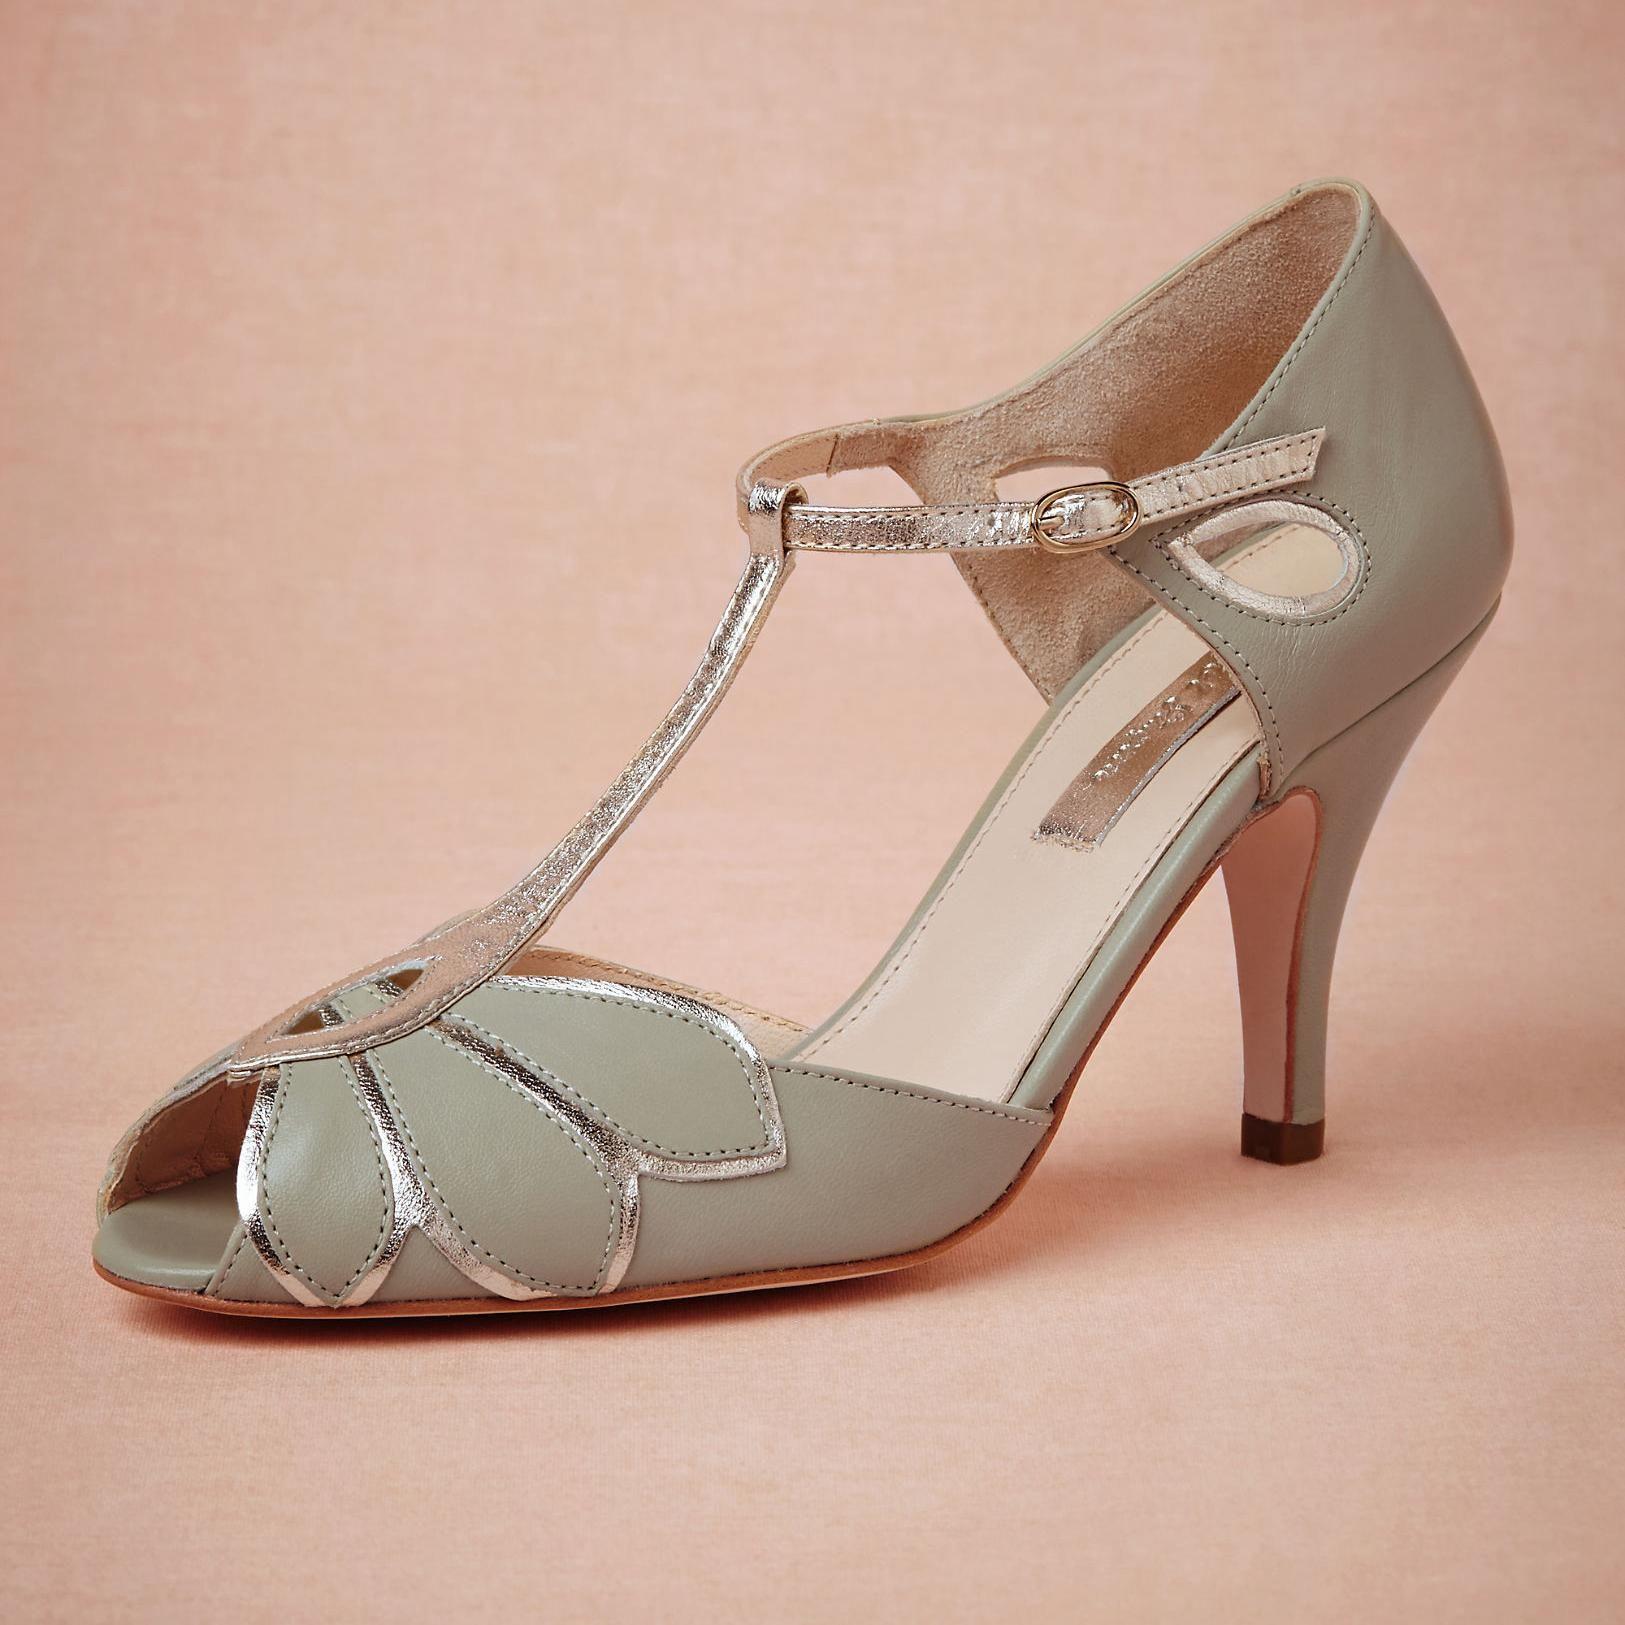 2d6d973e4 Sapato Social Feminino Sapatos De Casamento De Menta Do Vintage Bombas De  Casamento Mimosa T Correias De Encerramento Da Fivela De Couro Partido  Dança 3 ...